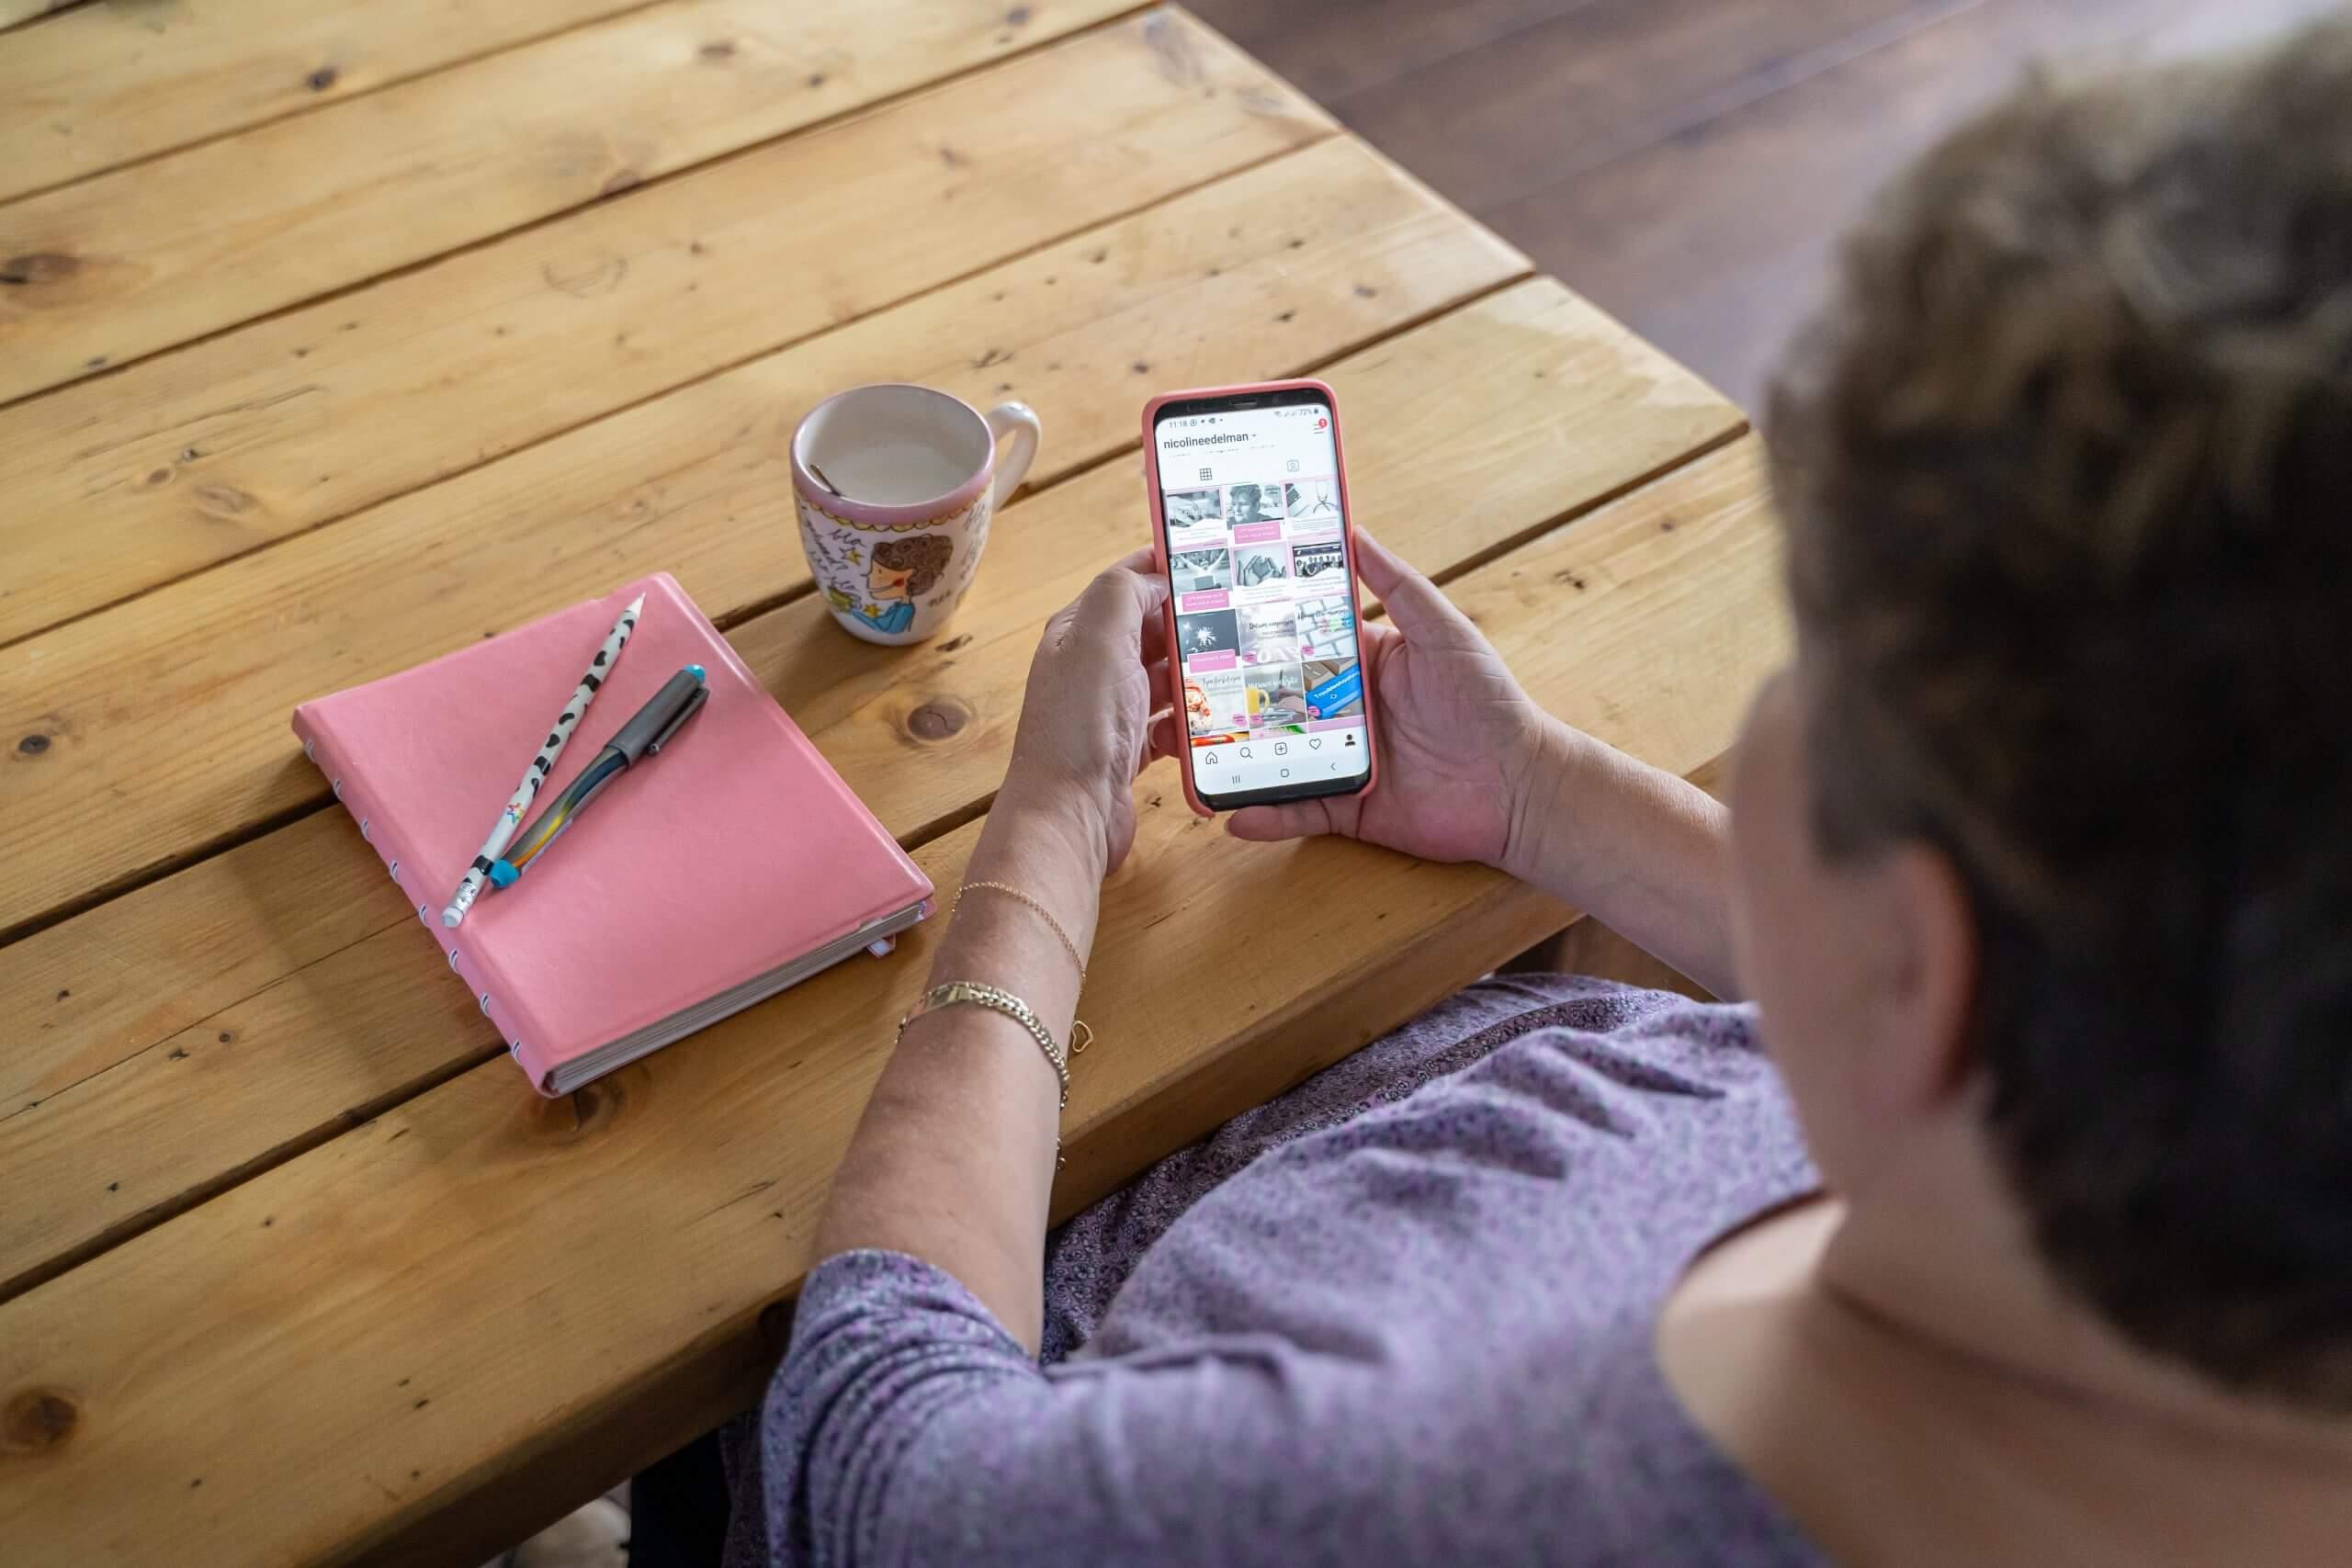 Nicoline's Office - Zakelijke fotoshoot - bedrijfsfotografie 2020 (1)